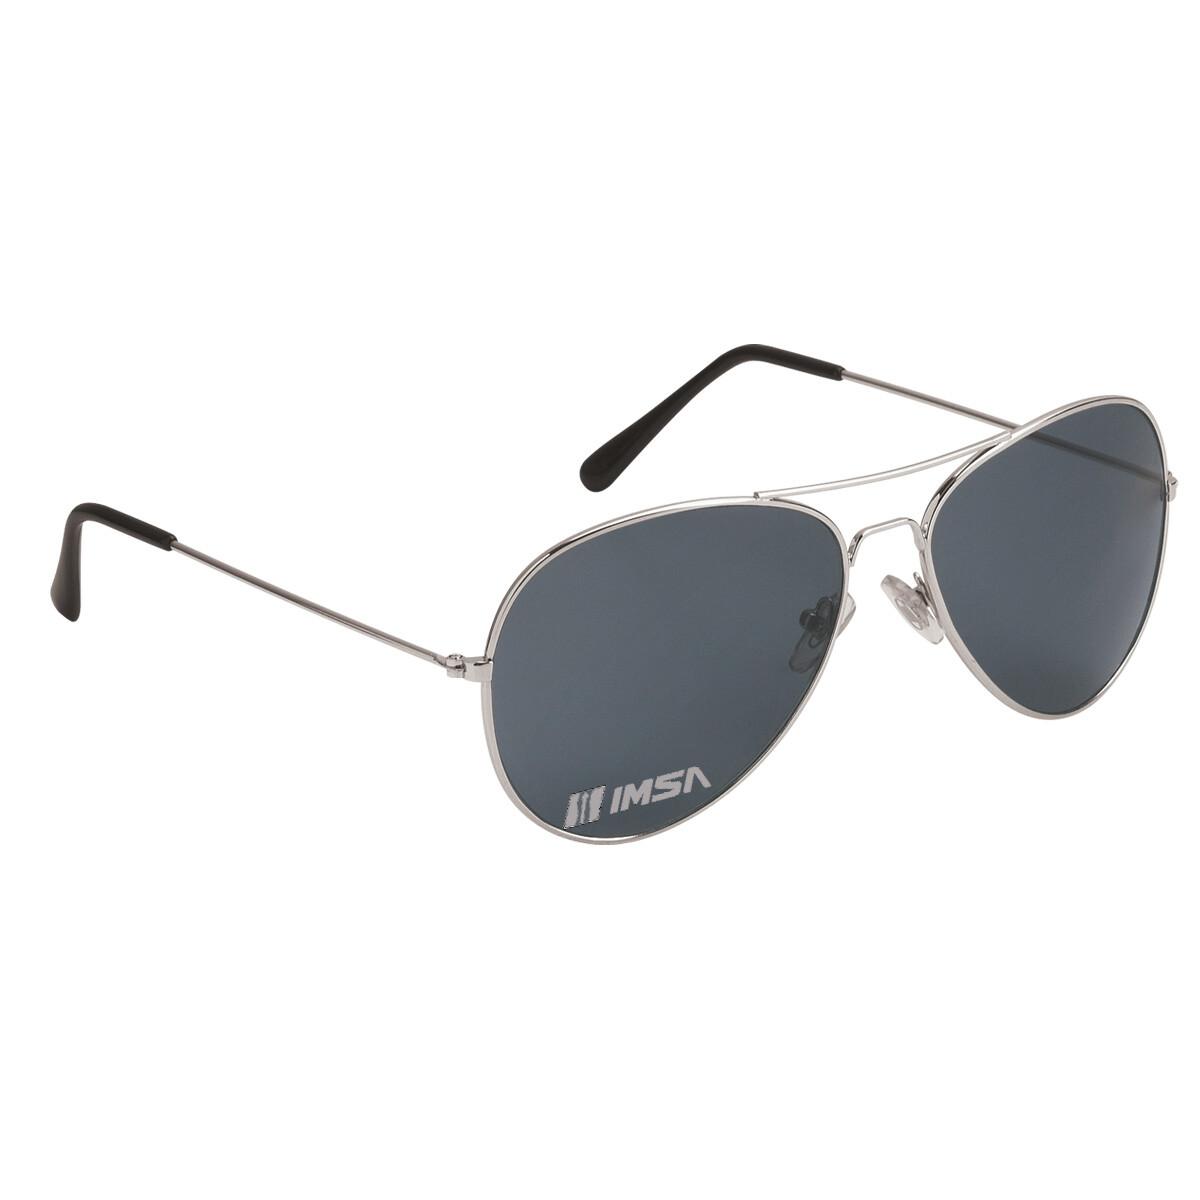 IMSA Aviator Sunglasses Silver/Black